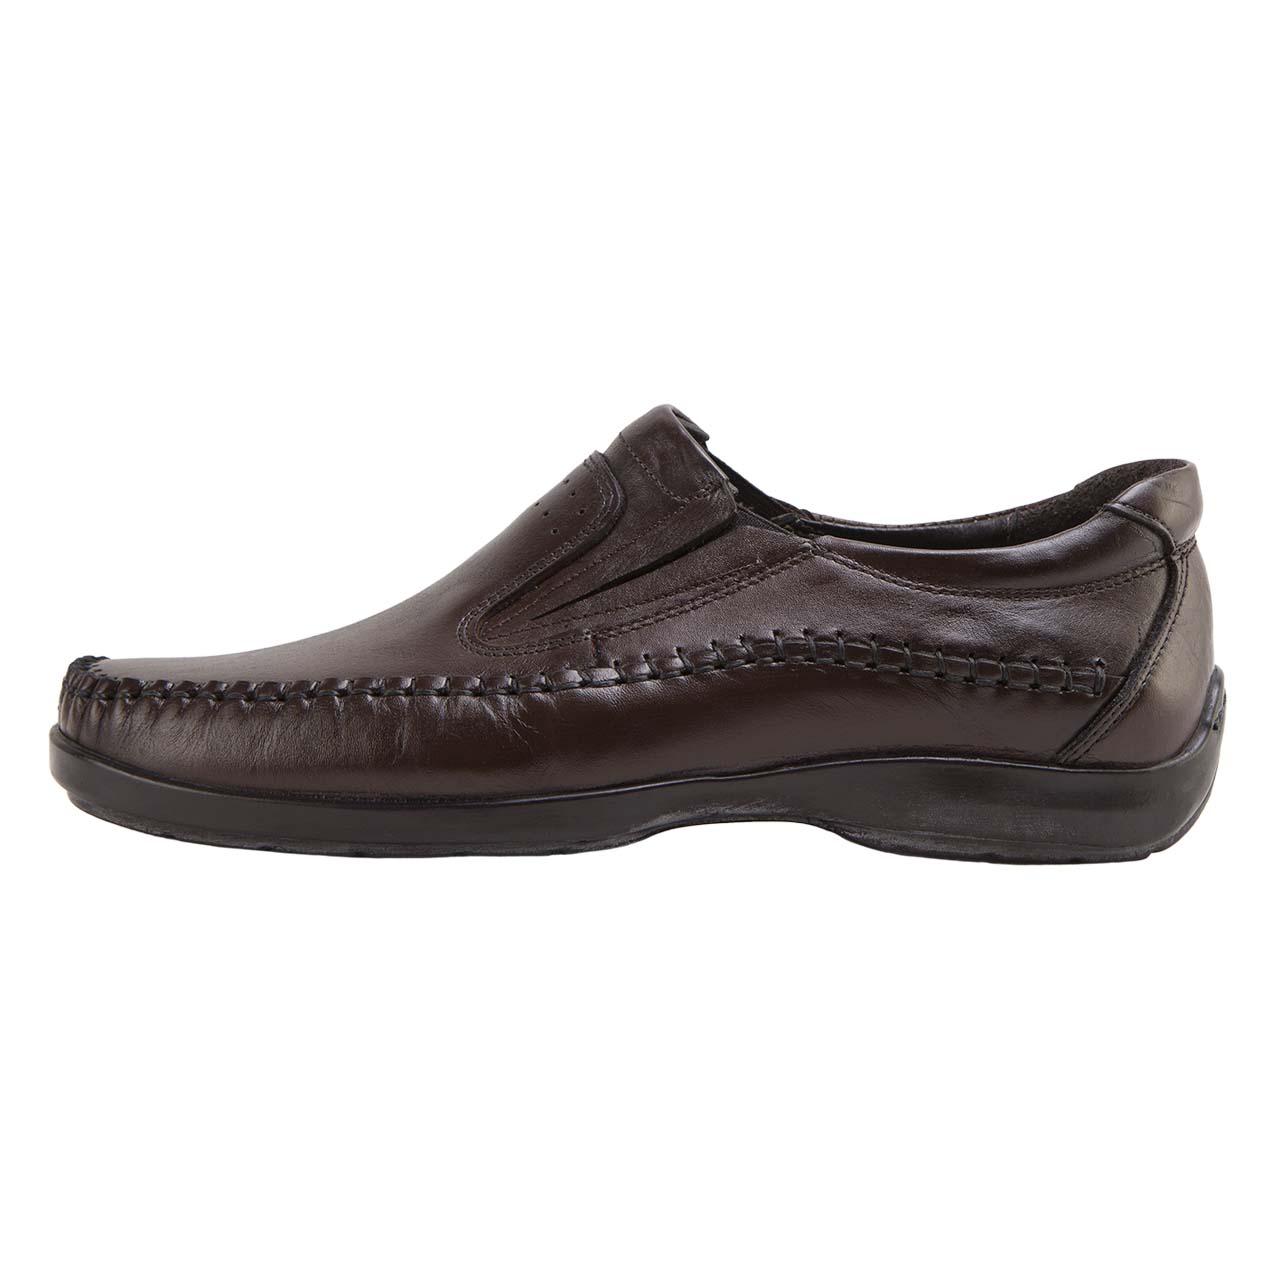 کفش مردانه شوپا کد 7-803